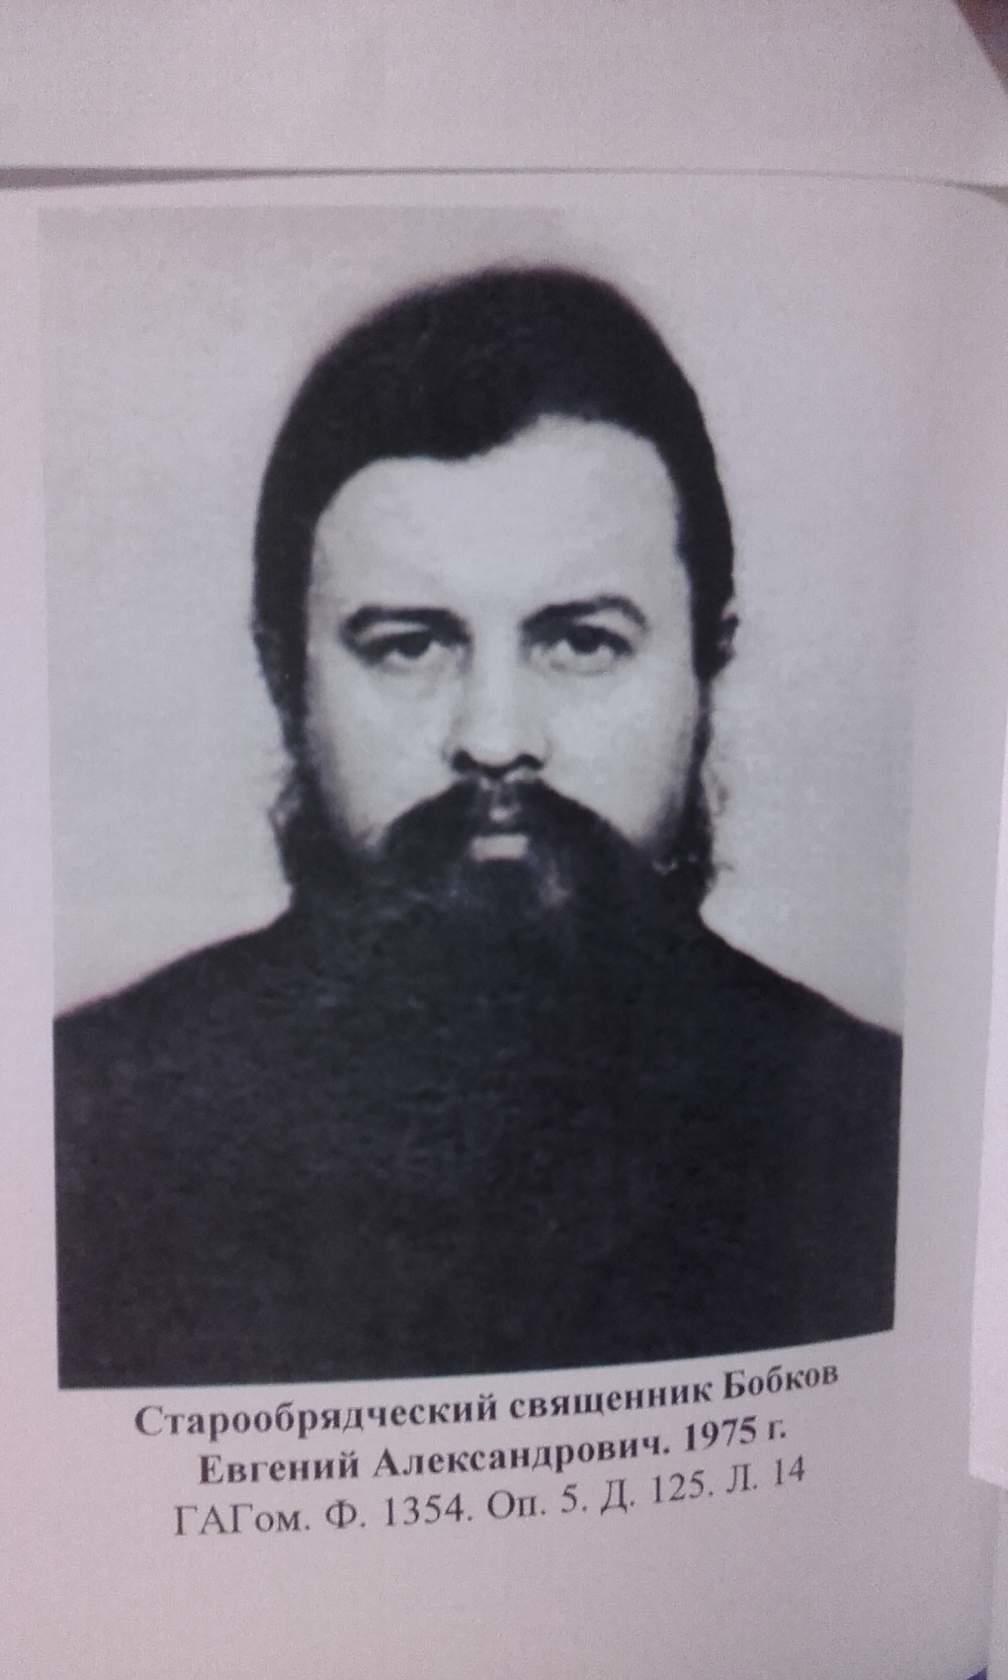 Священник Гомельской Ильинской церкви Бобков Евгений Александрович,, 1975г